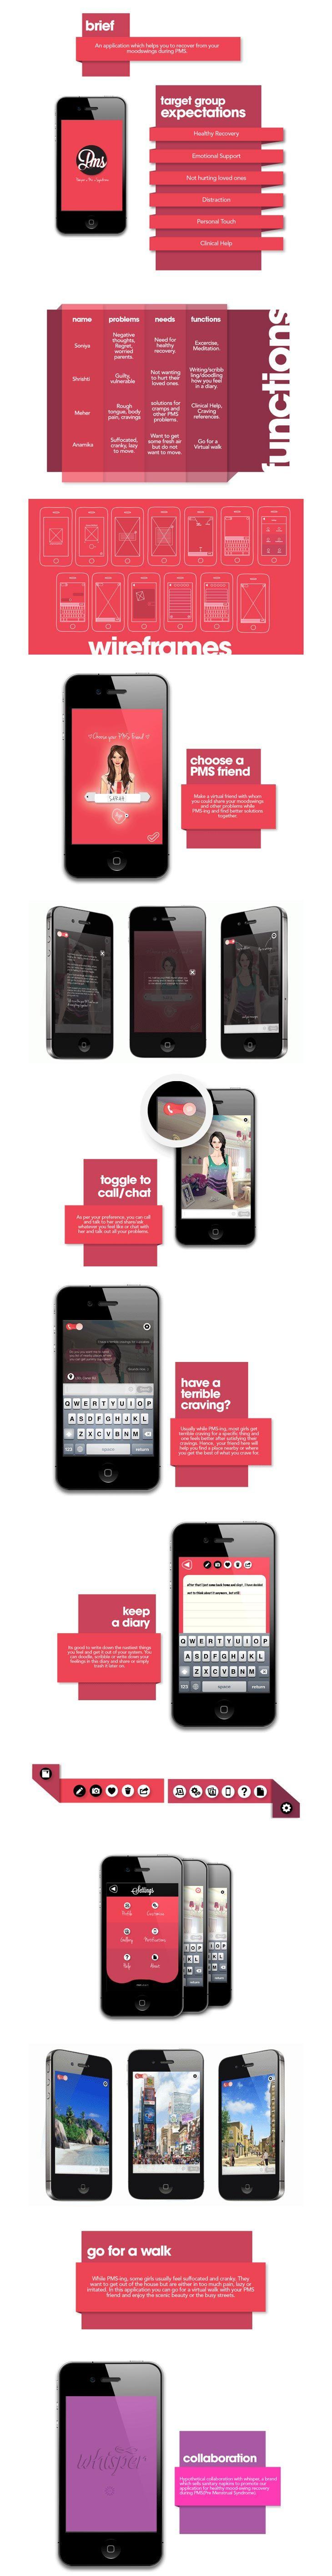 Daily Mobile UI Design Inspiration #48